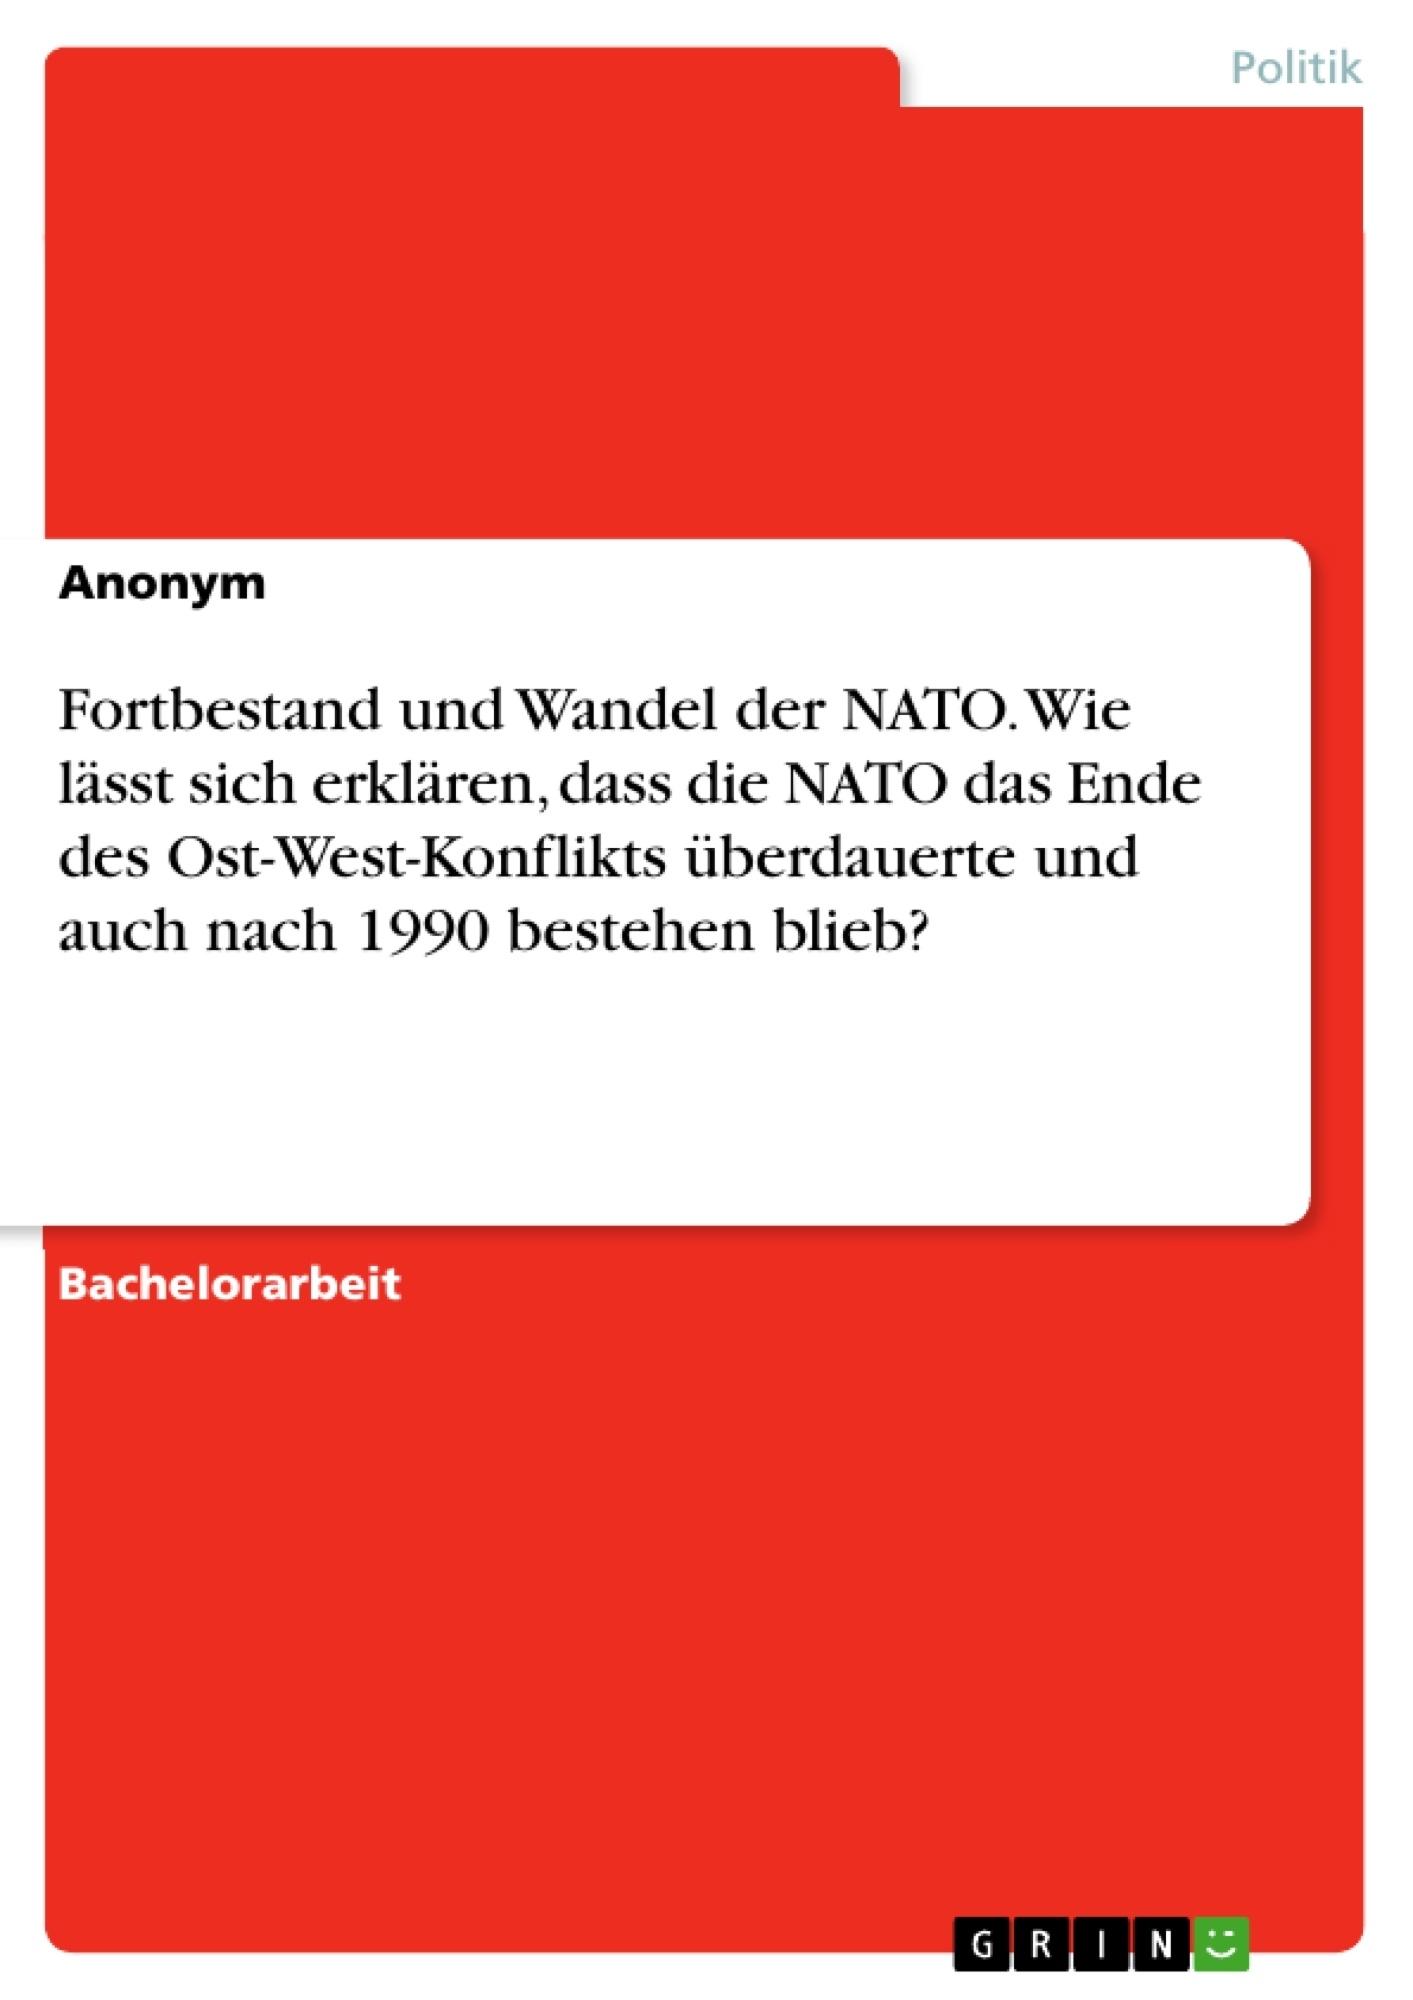 Titel: Fortbestand und Wandel der NATO. Wie lässt sich erklären, dass die NATO das Ende des Ost-West-Konflikts überdauerte und auch nach 1990 bestehen blieb?